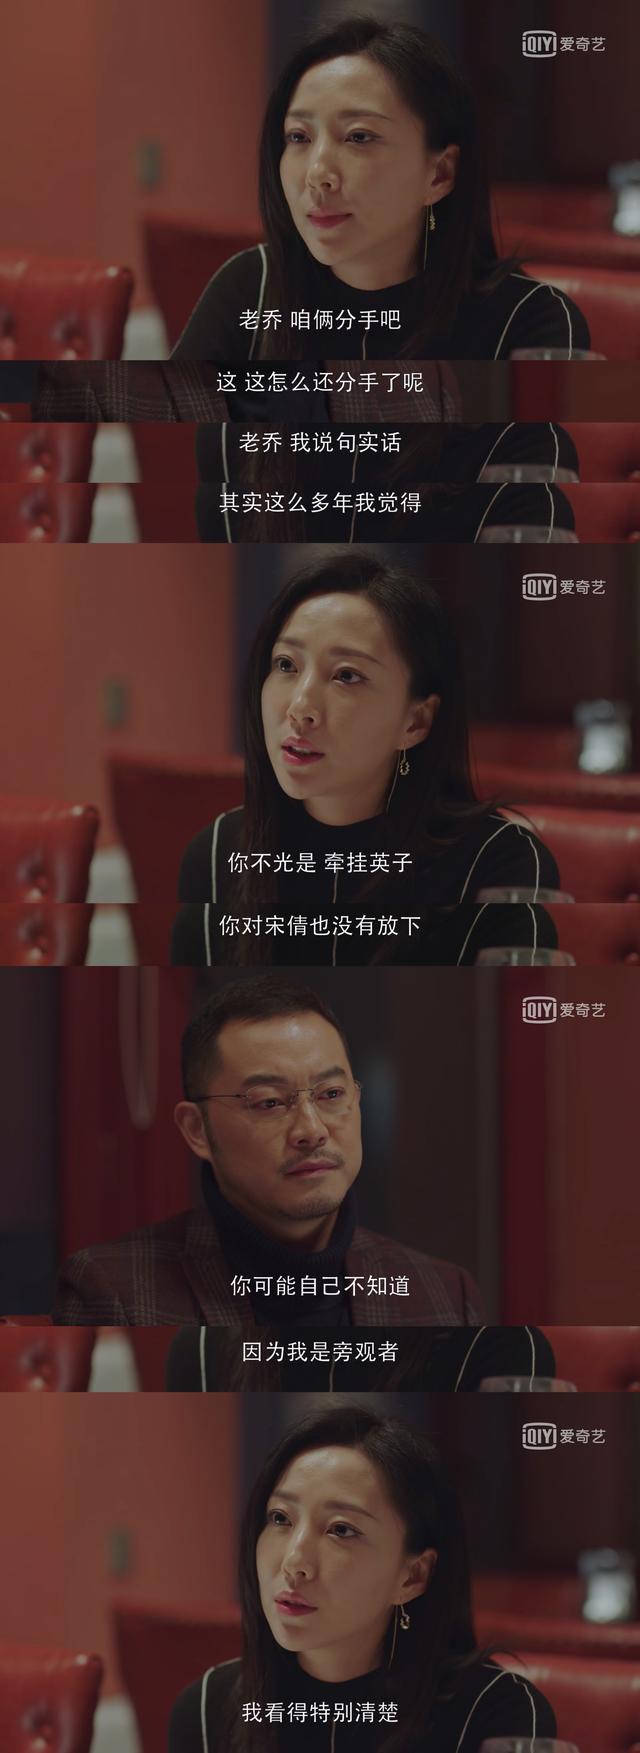 宋倩乔卫东复婚 小欢喜结局如何?